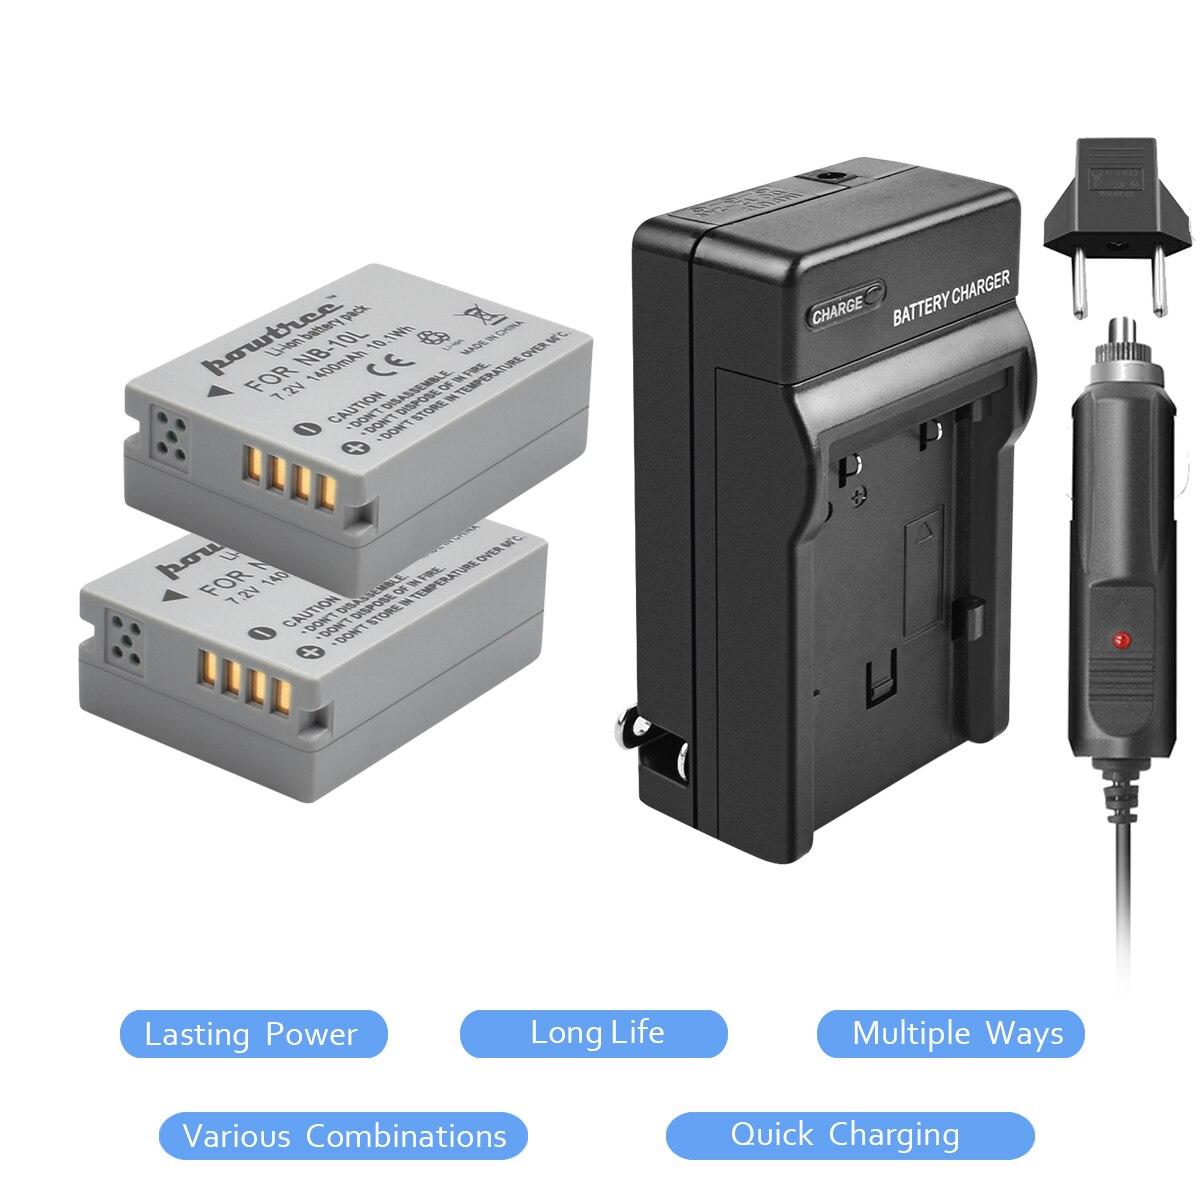 2Pcs NB 10L NB 10L NB10L Battery+Charger kit for Canon PowerShot G15 G16 G1X G3X SX40 SX40HS SX50 SX60 HS Camera L20